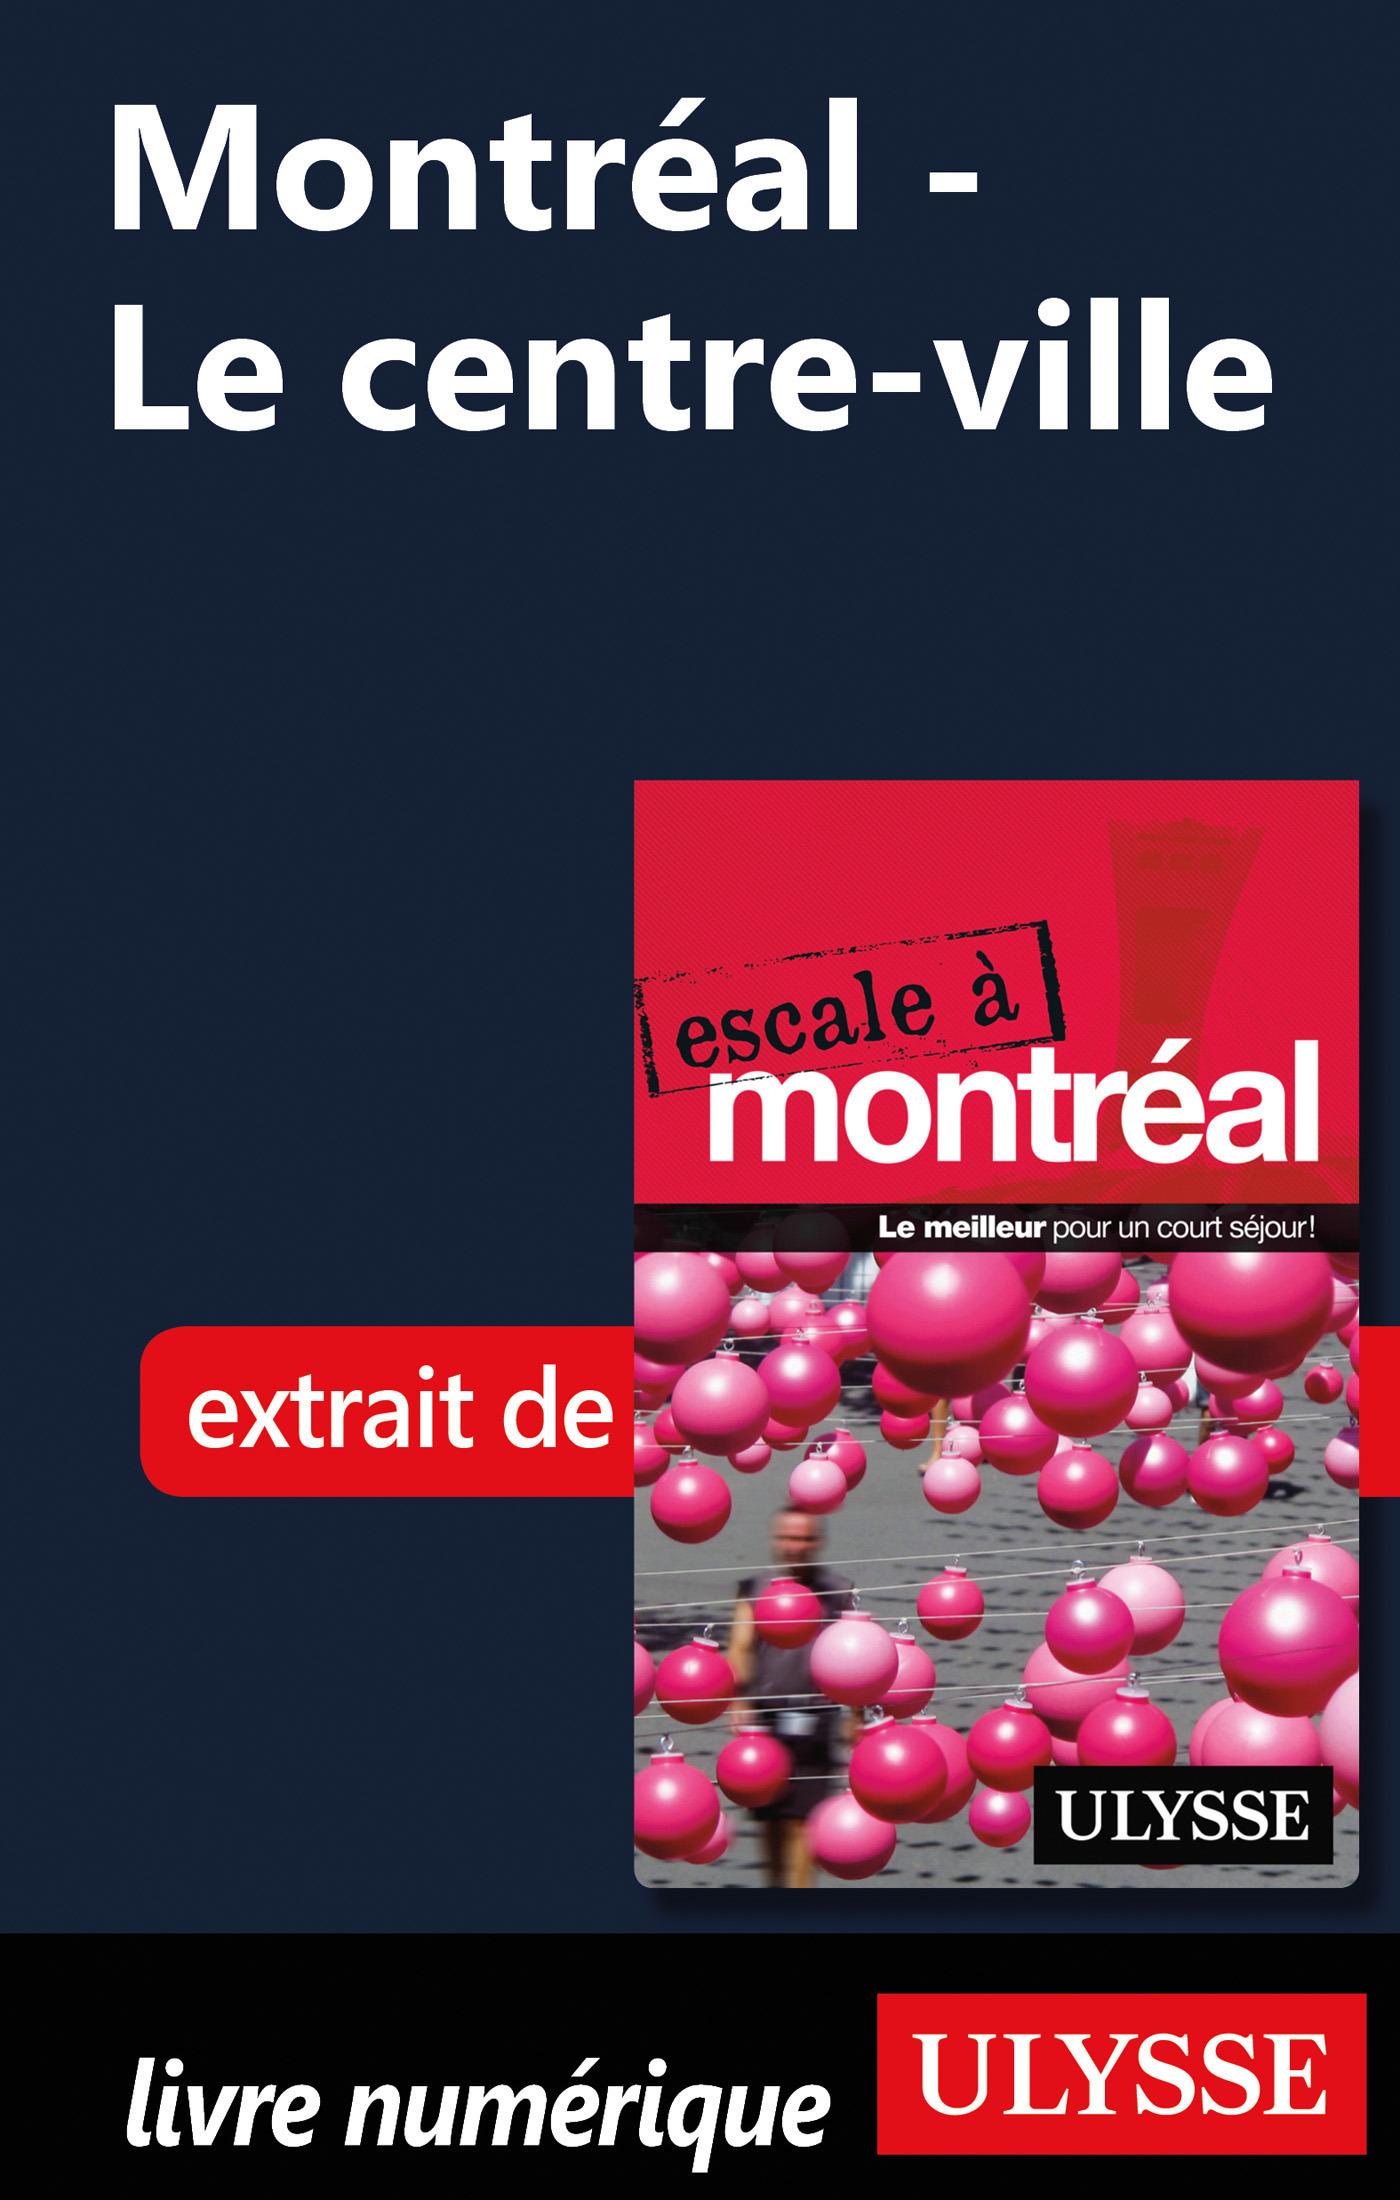 Montréal - Le centre-ville